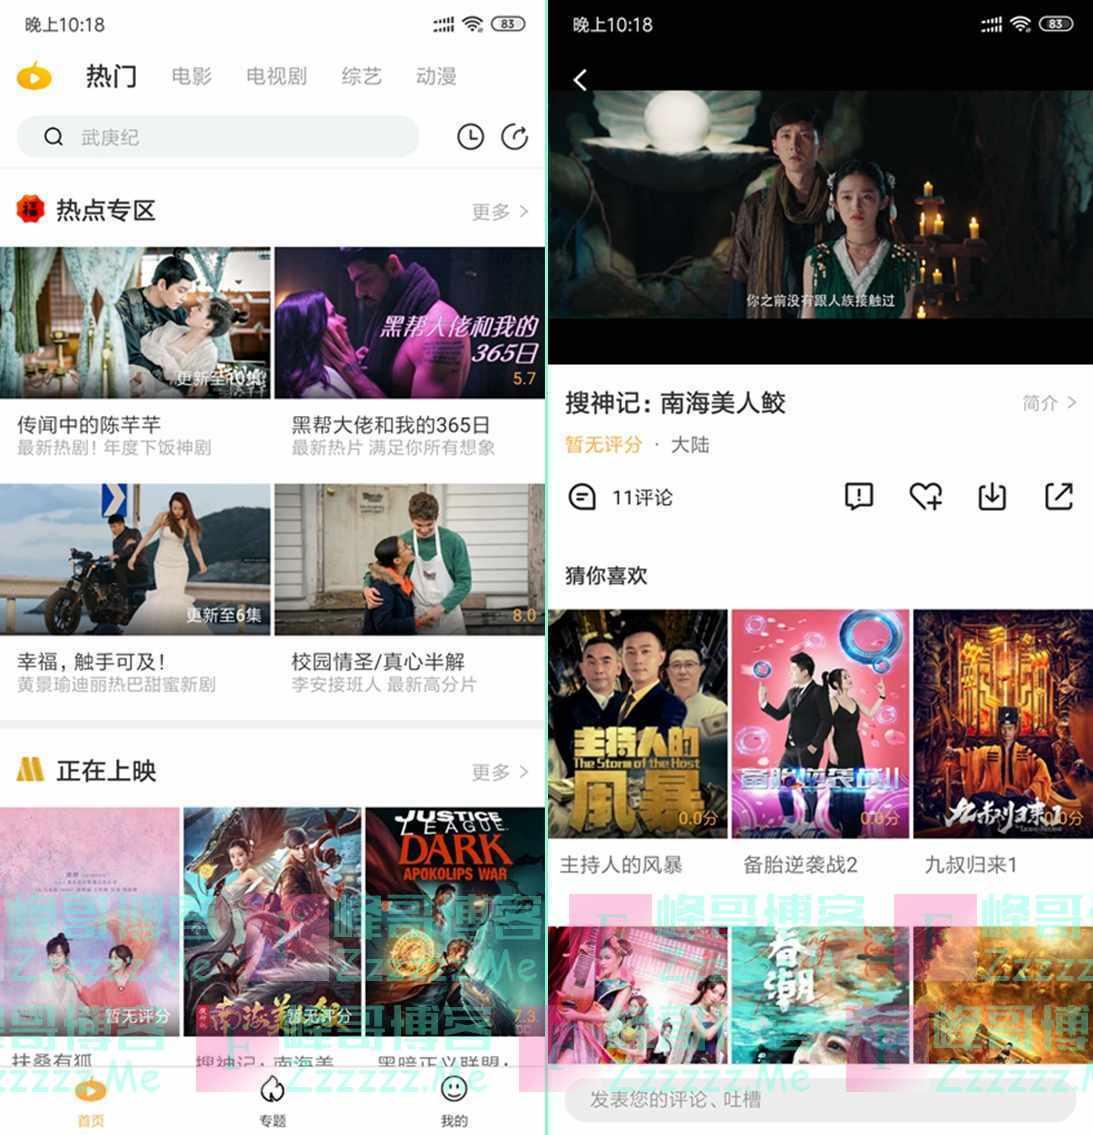 安卓南瓜影视V1.3.7.2 最新永久VIP会员去广告破解版下载